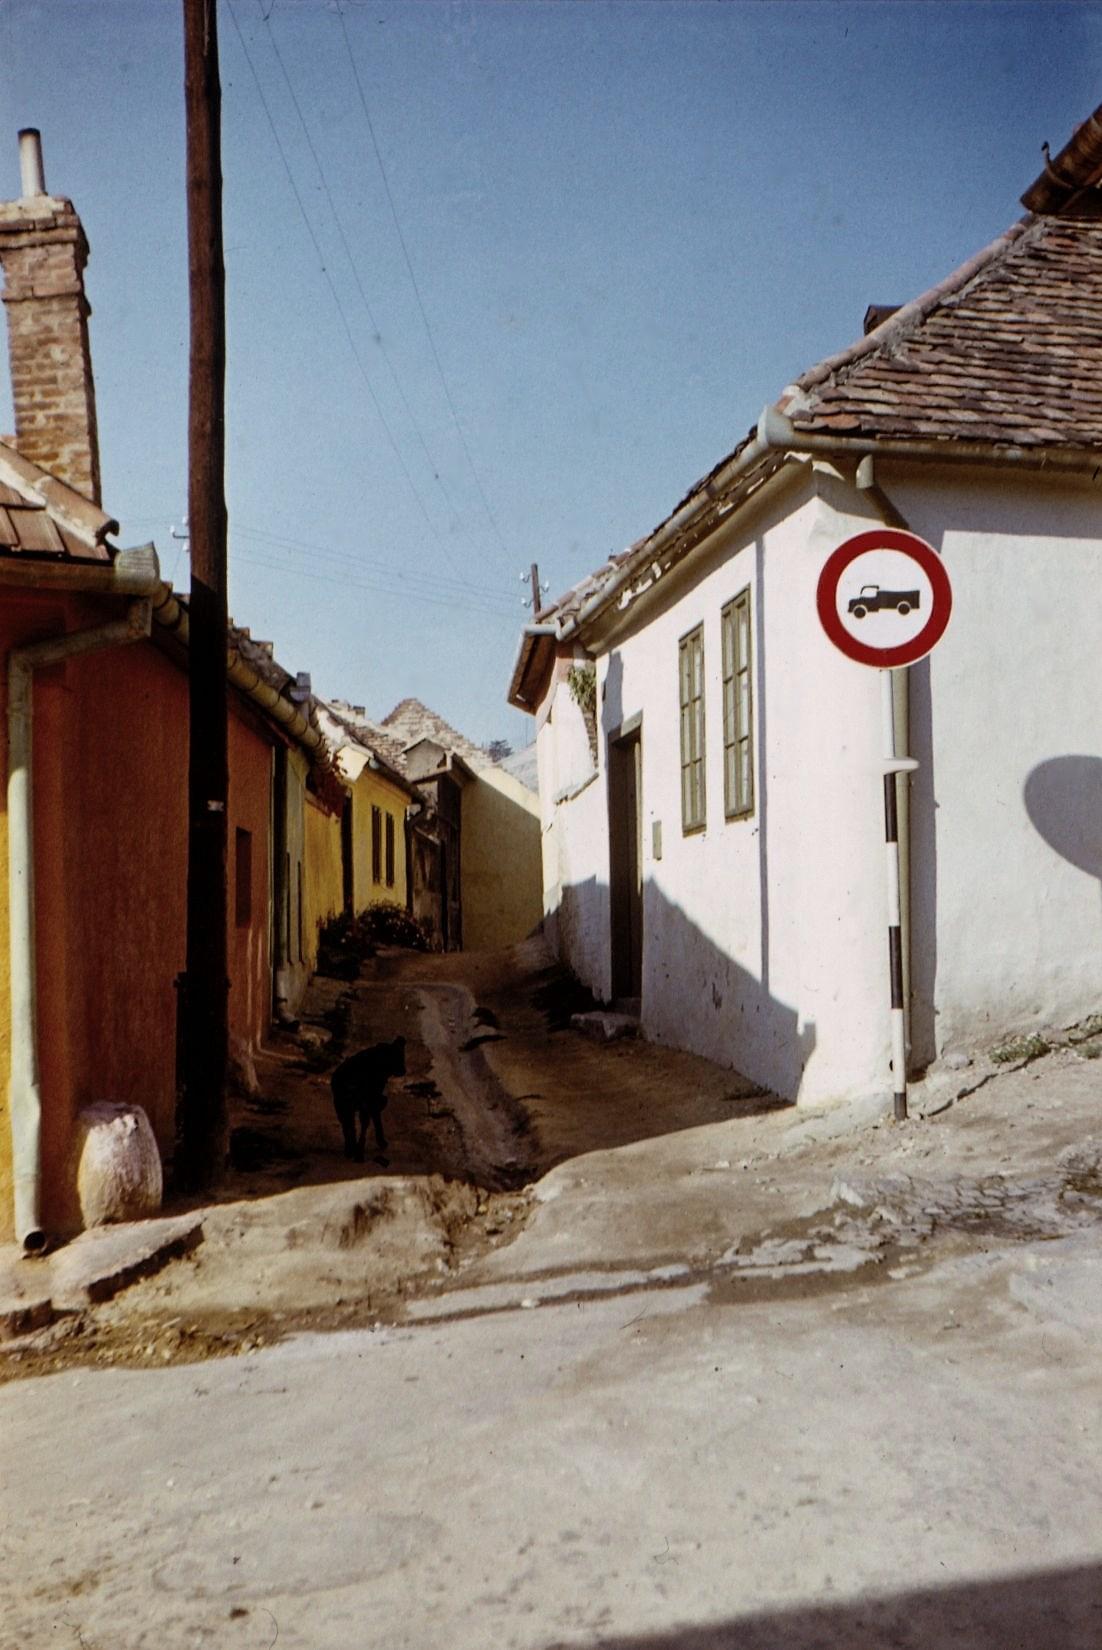 kep_05_diafilm_0056_zidina_kornyek_1970-s_evek_oszt.jpg